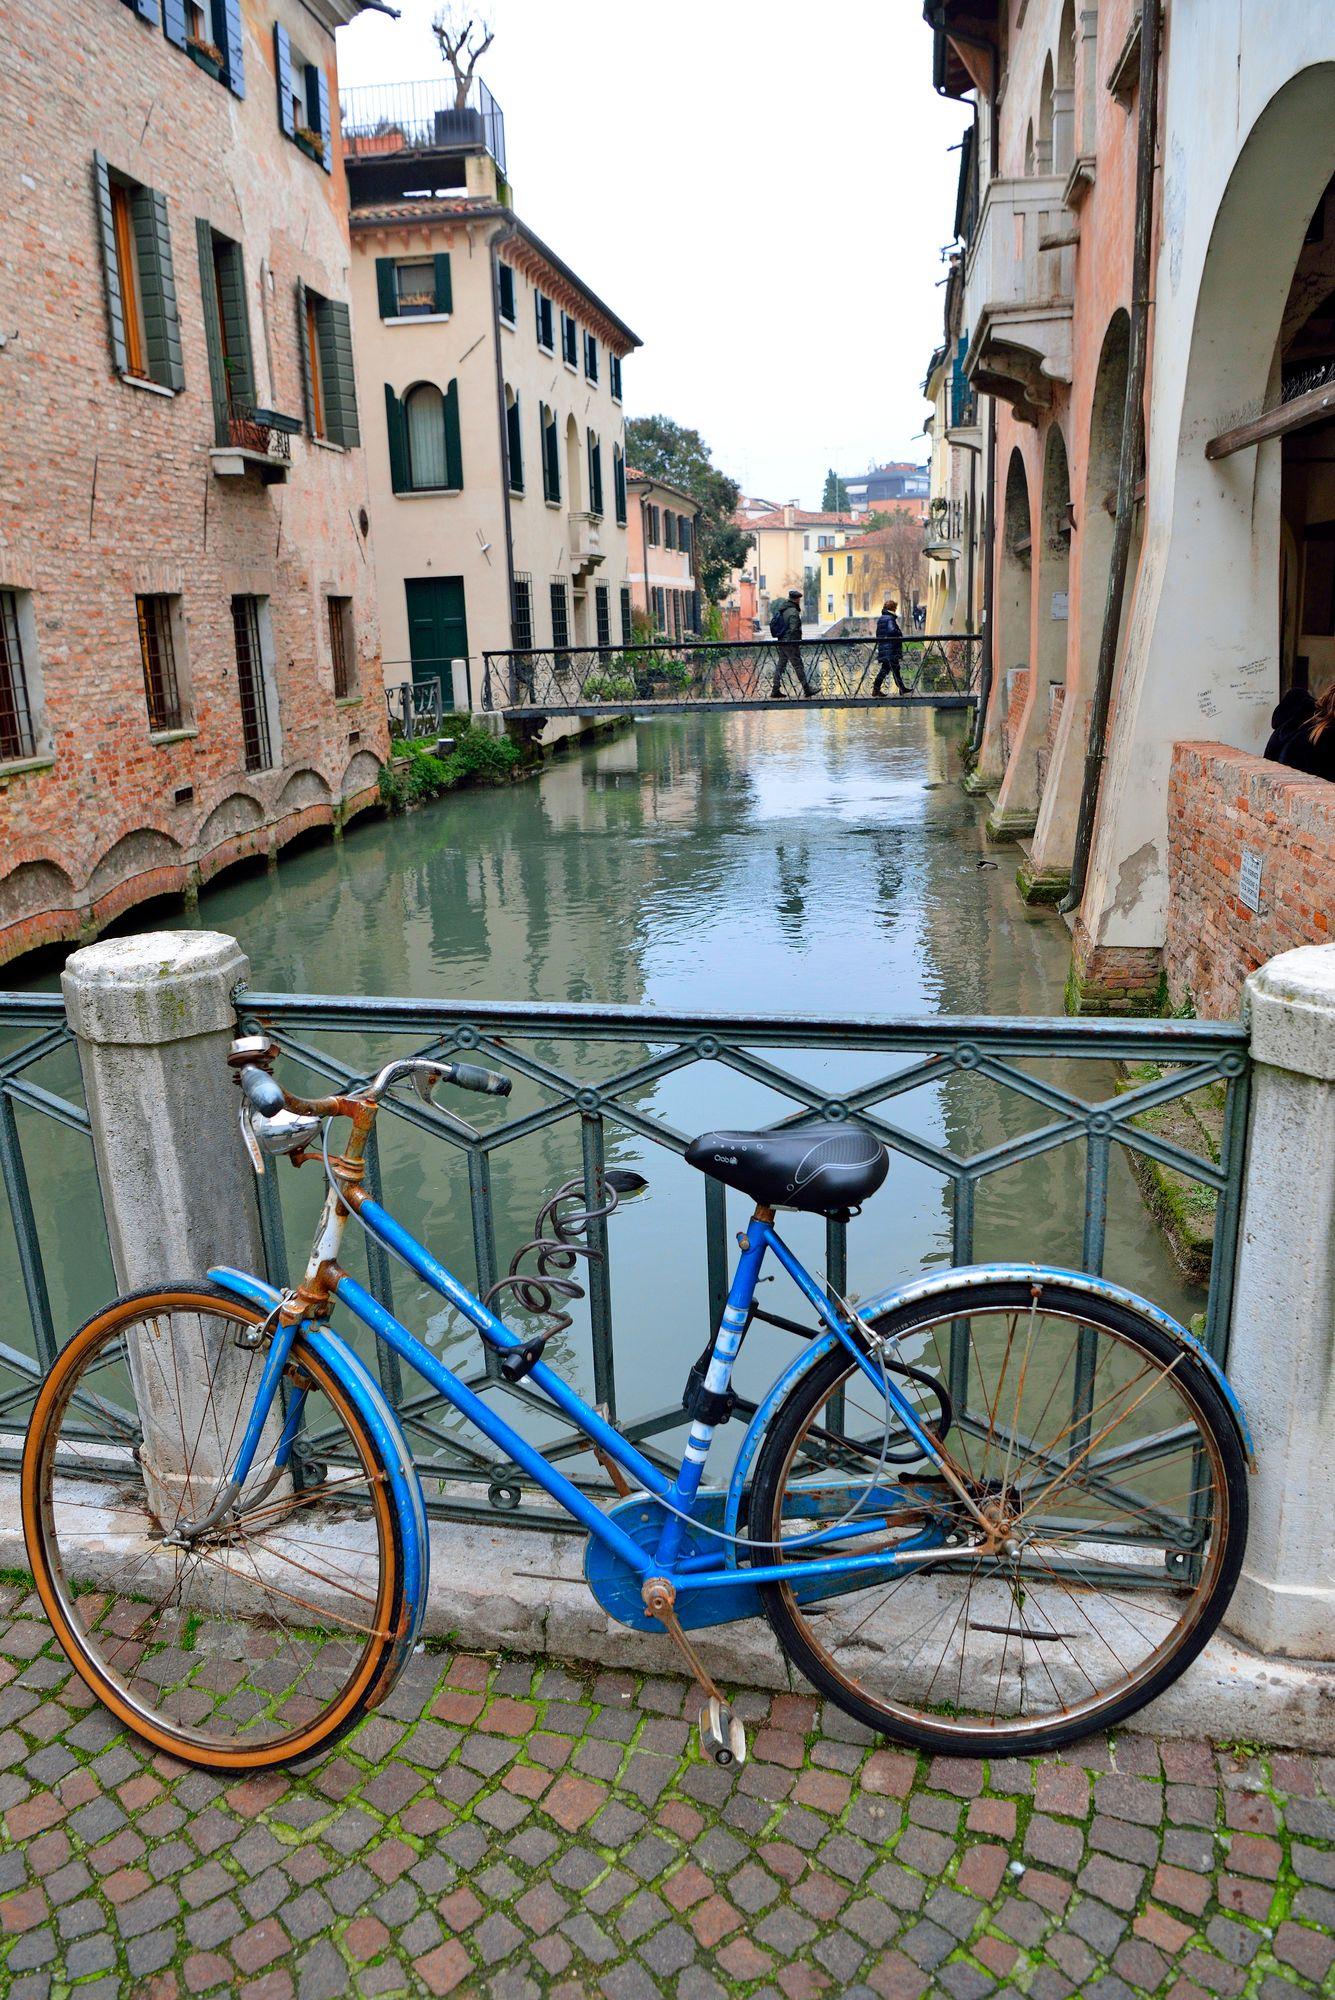 Trevison historiallinen keskusta on juuri sopivan kokoinen käveltäväksi. Vanhaa kaupunkia halkovat lukuisat kanavat. © Pekka Numminen